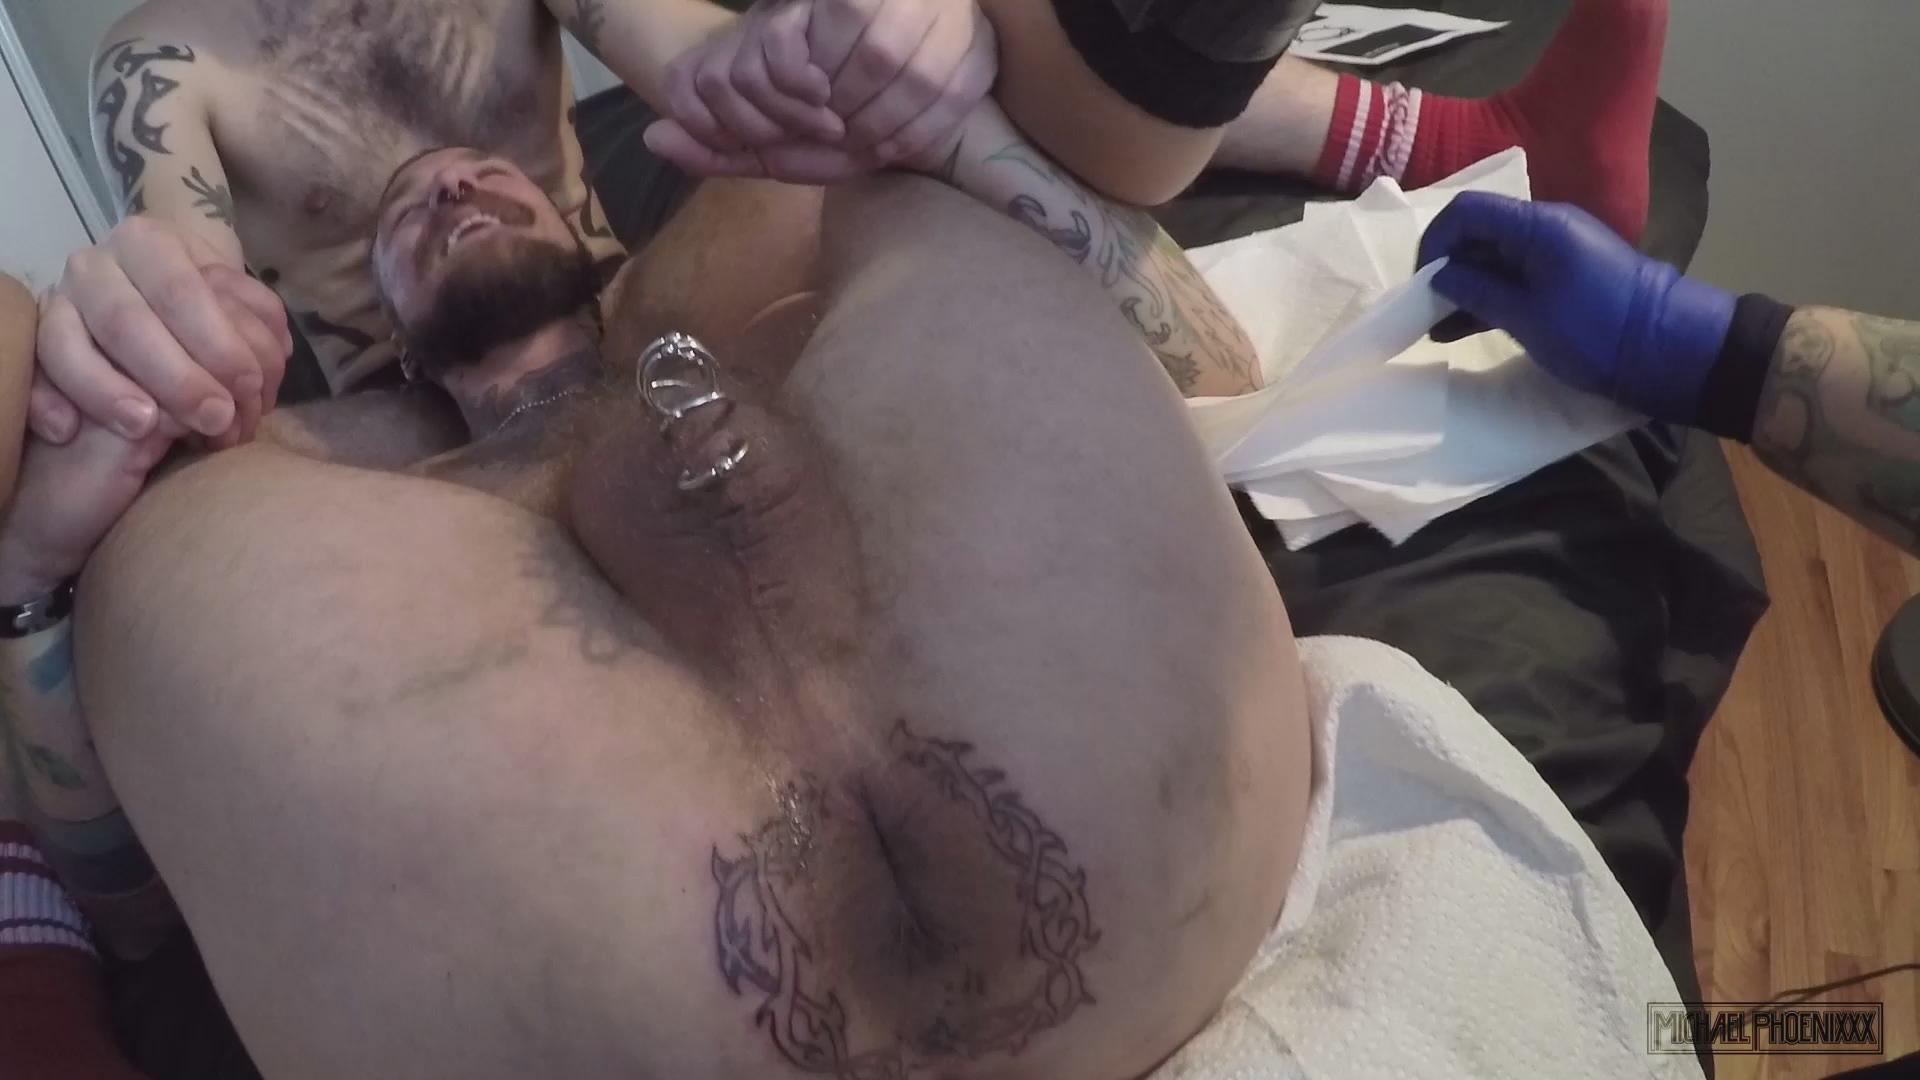 Big tits treadmill